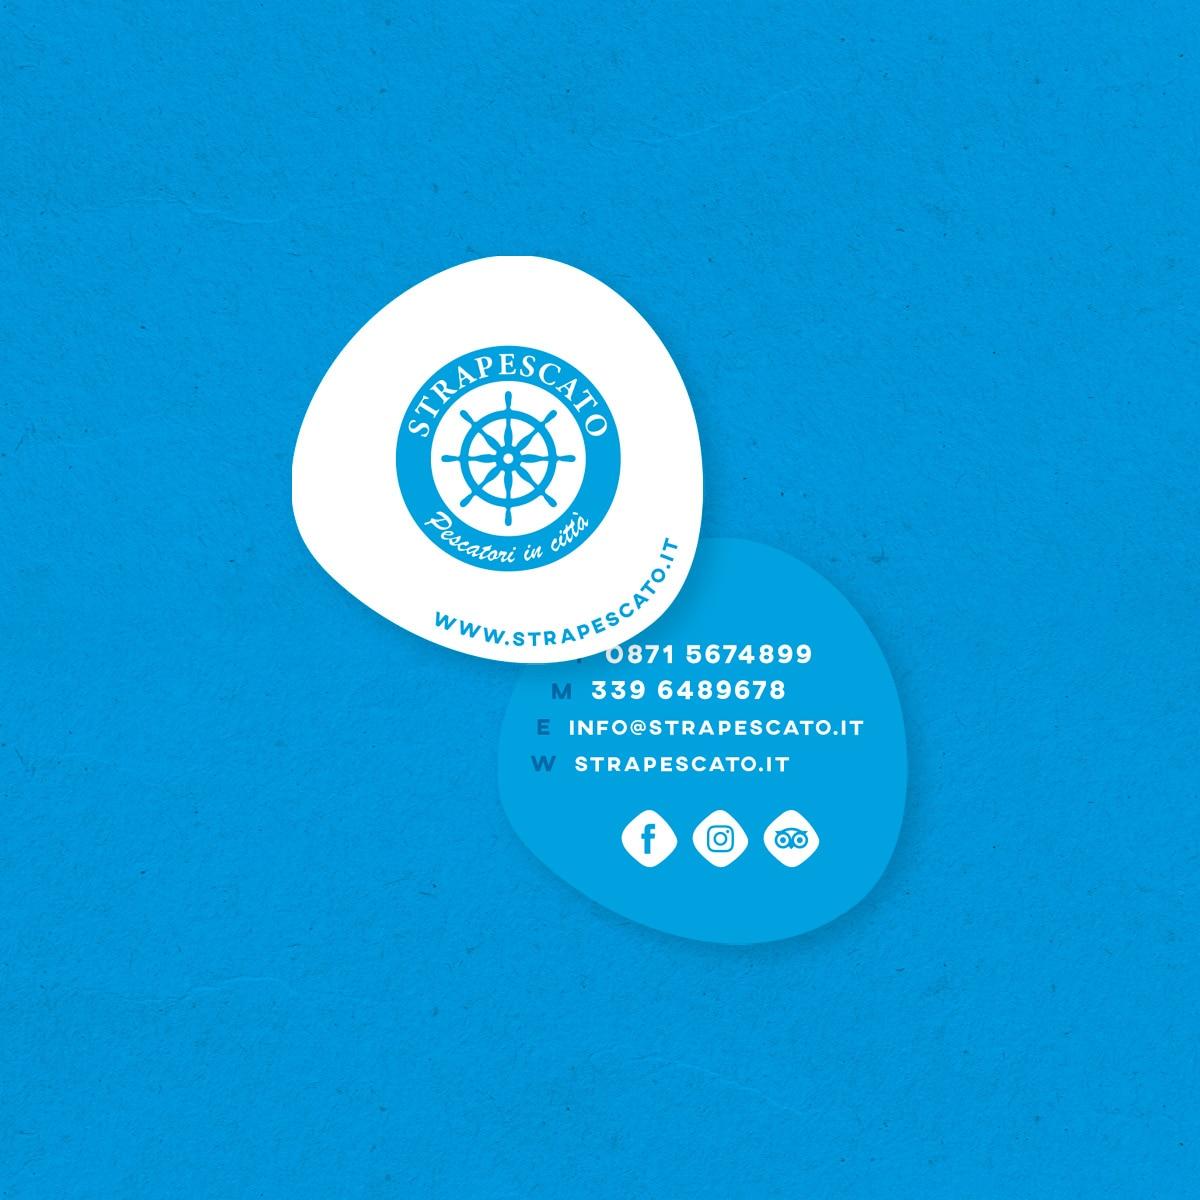 constant design realizzazione biglietti da visita Strapescato L'Aquila siti web L'Aquila